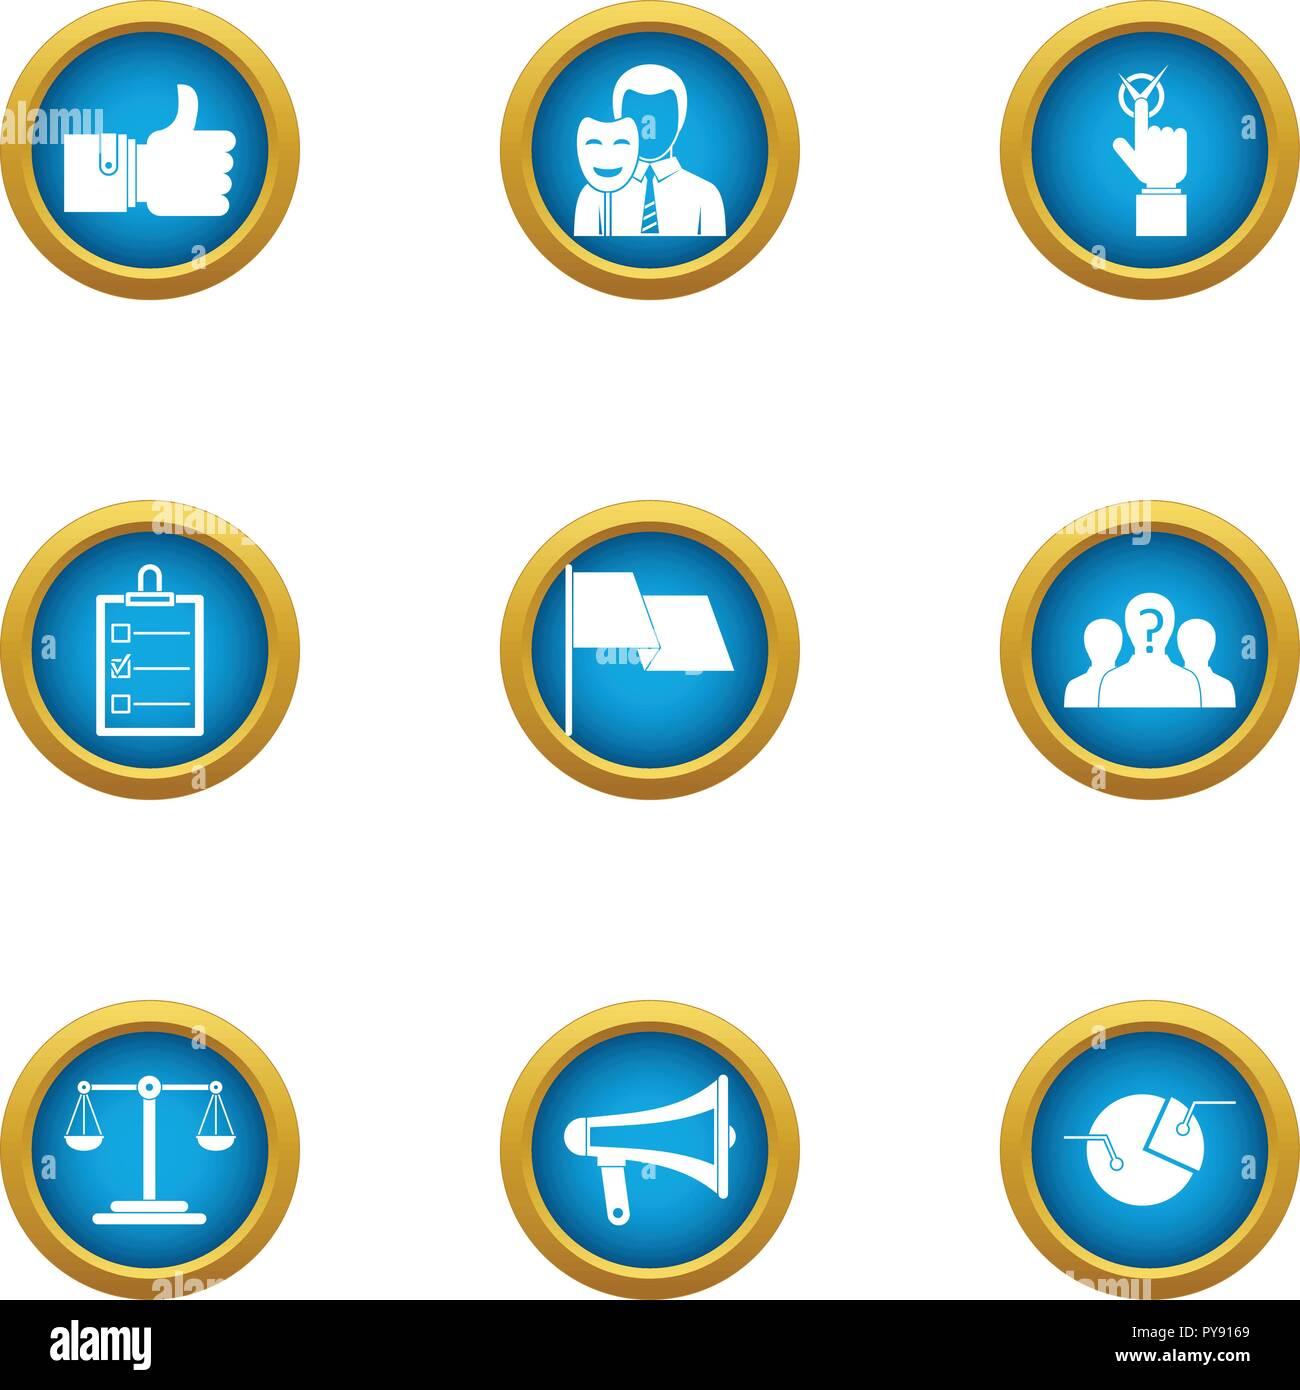 Hypocrite icons set, flat style - Stock Image